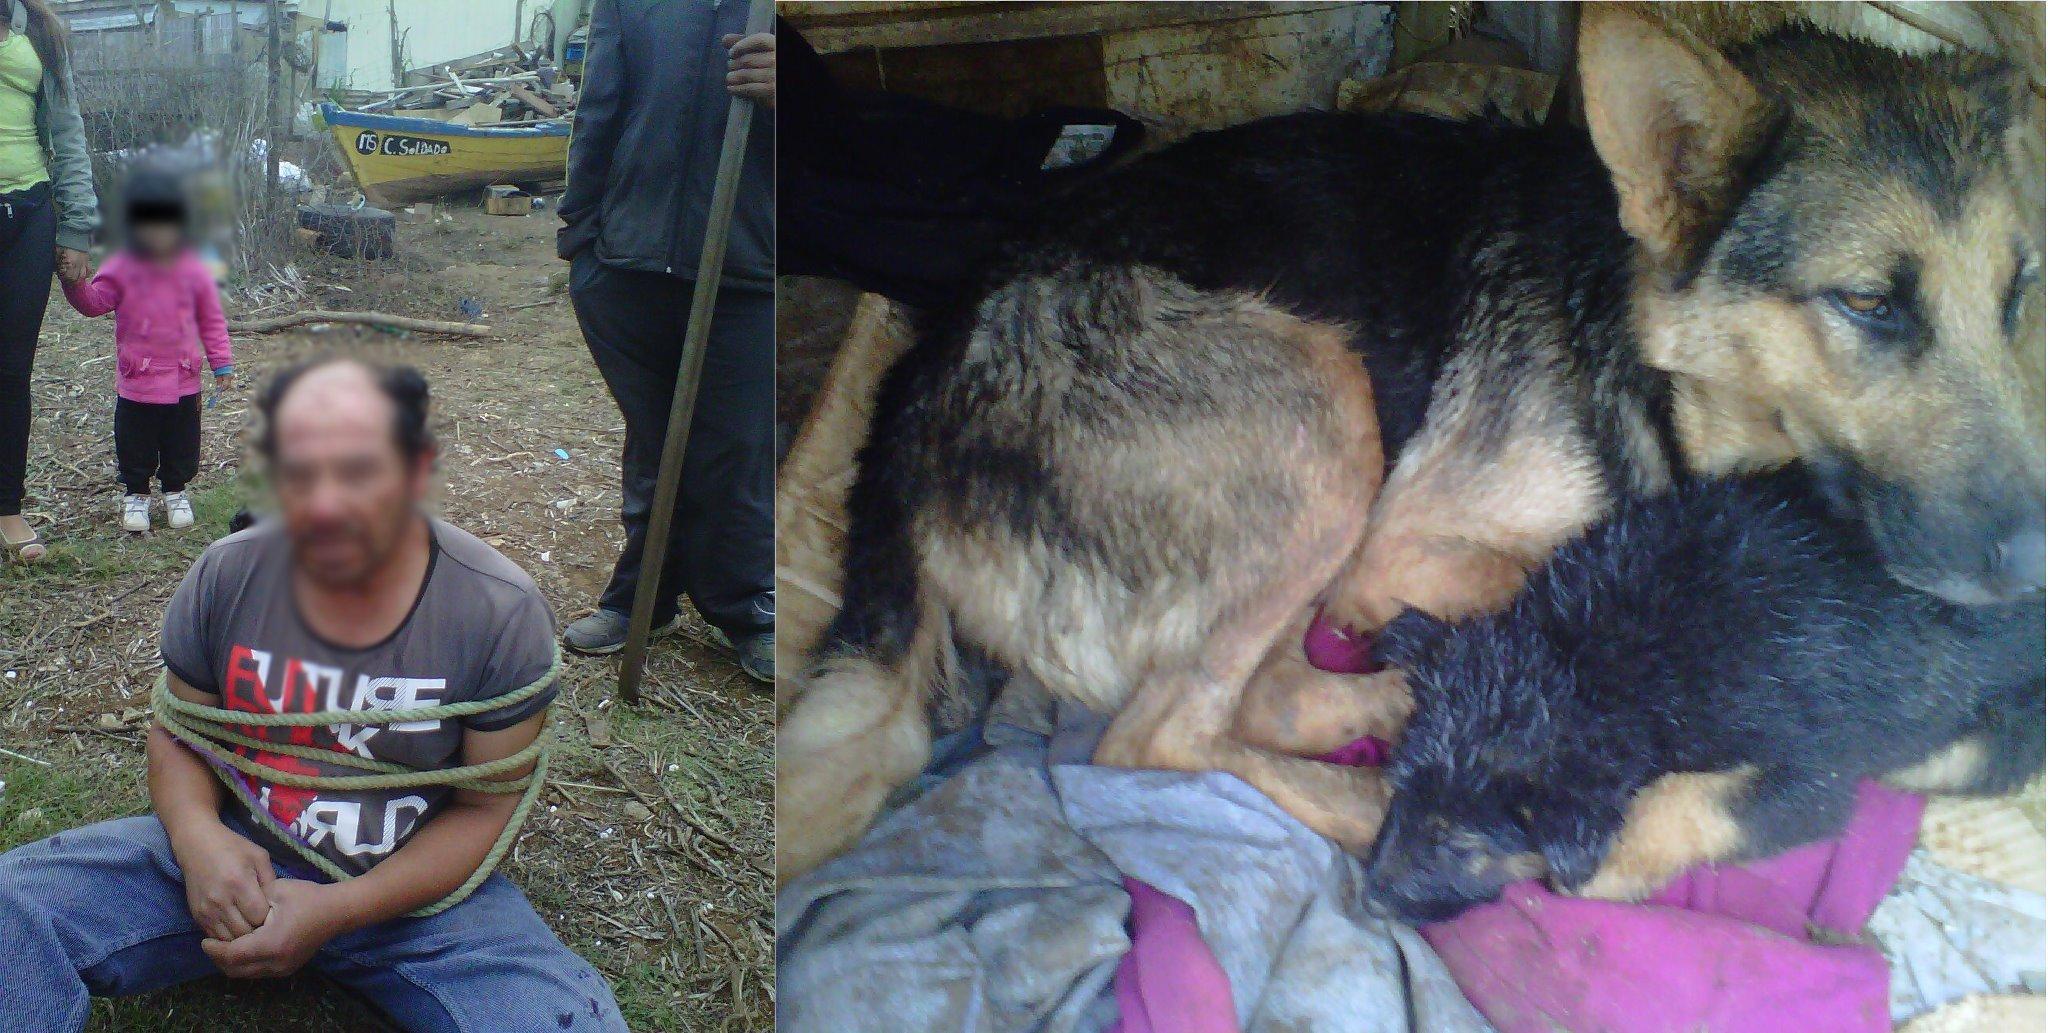 zoofilia El presunto abusador y el animal afectado